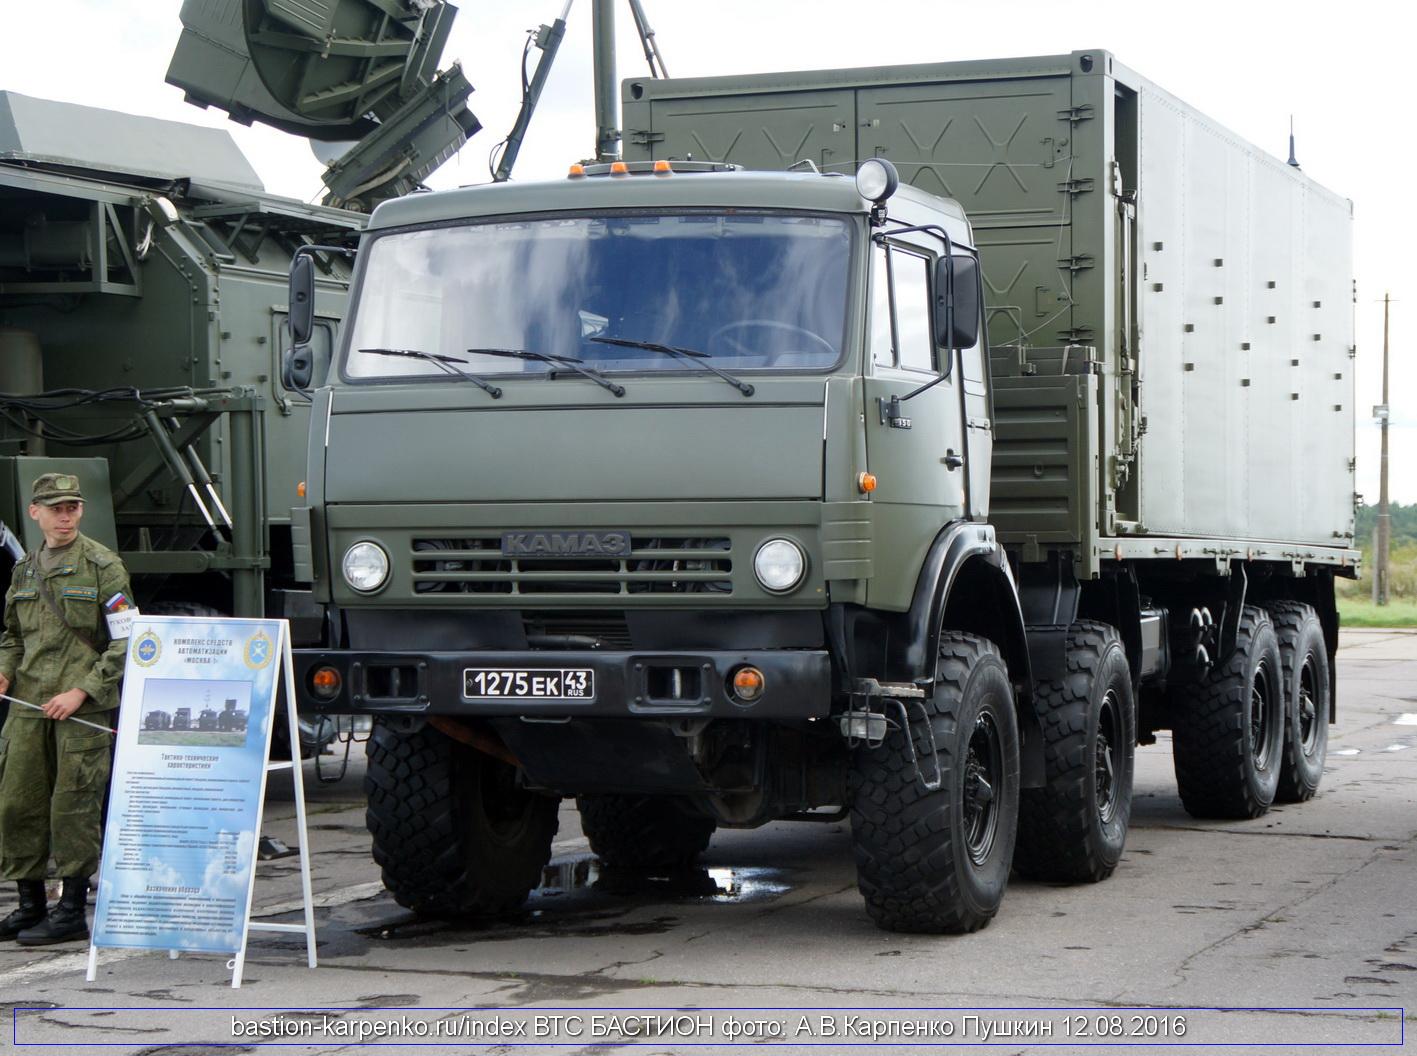 MOSKVA-1 (5).jpg